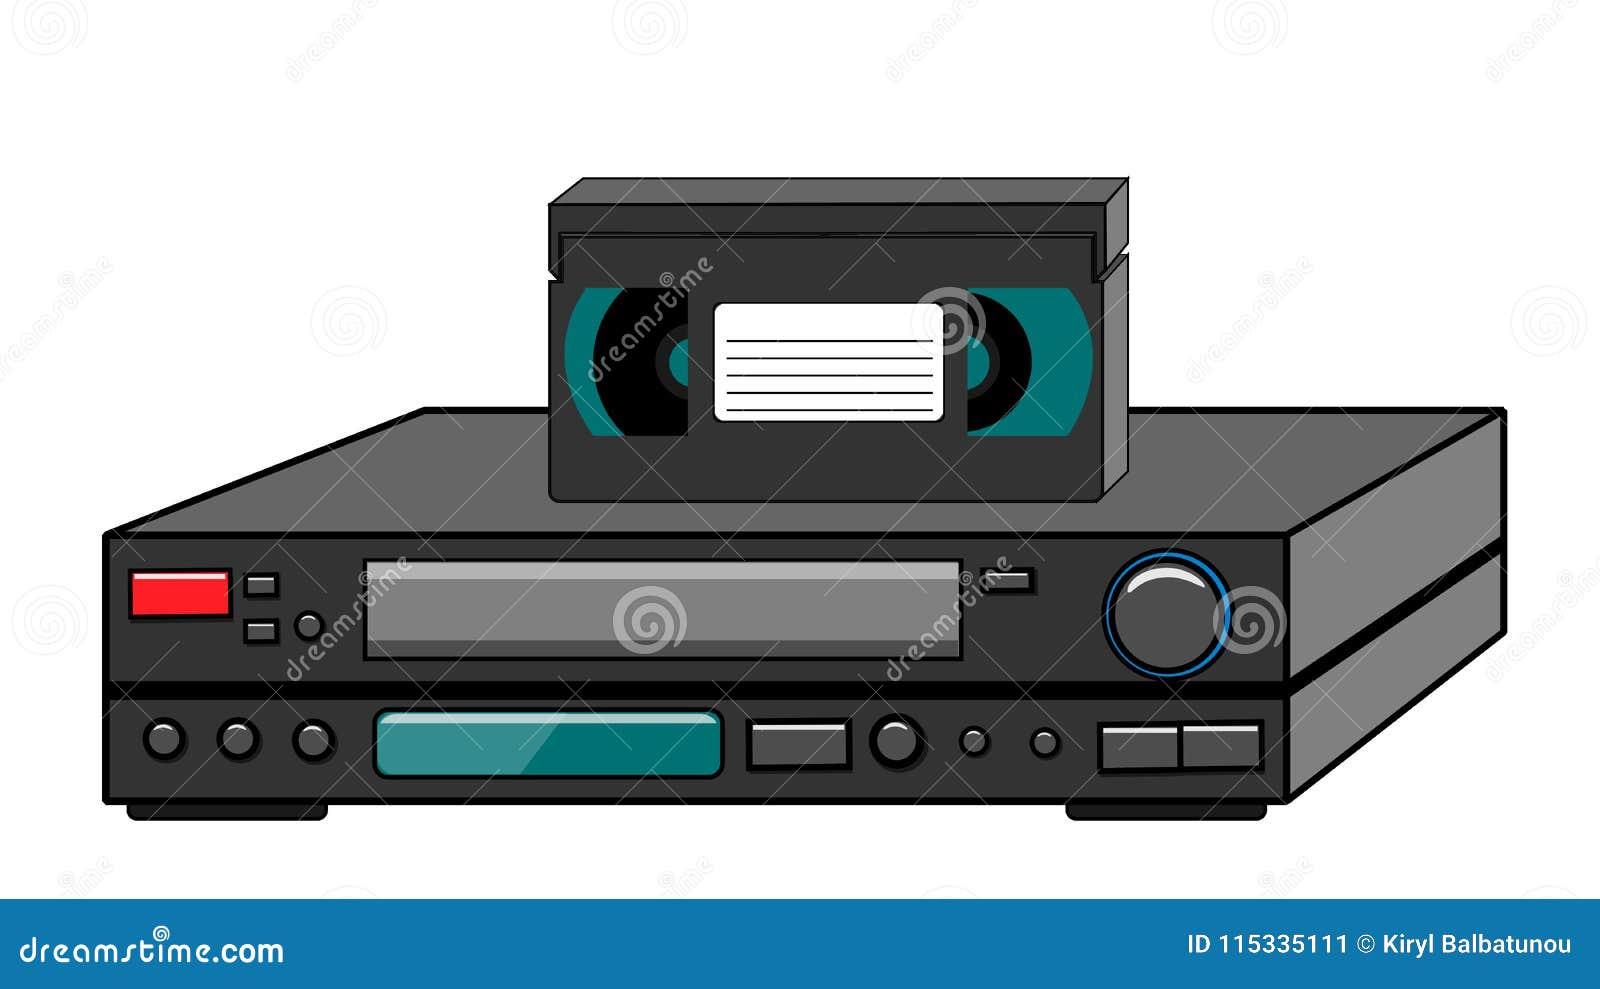 Black Old Vintage Retro Vintage Hipster Vintage Video Recorder With